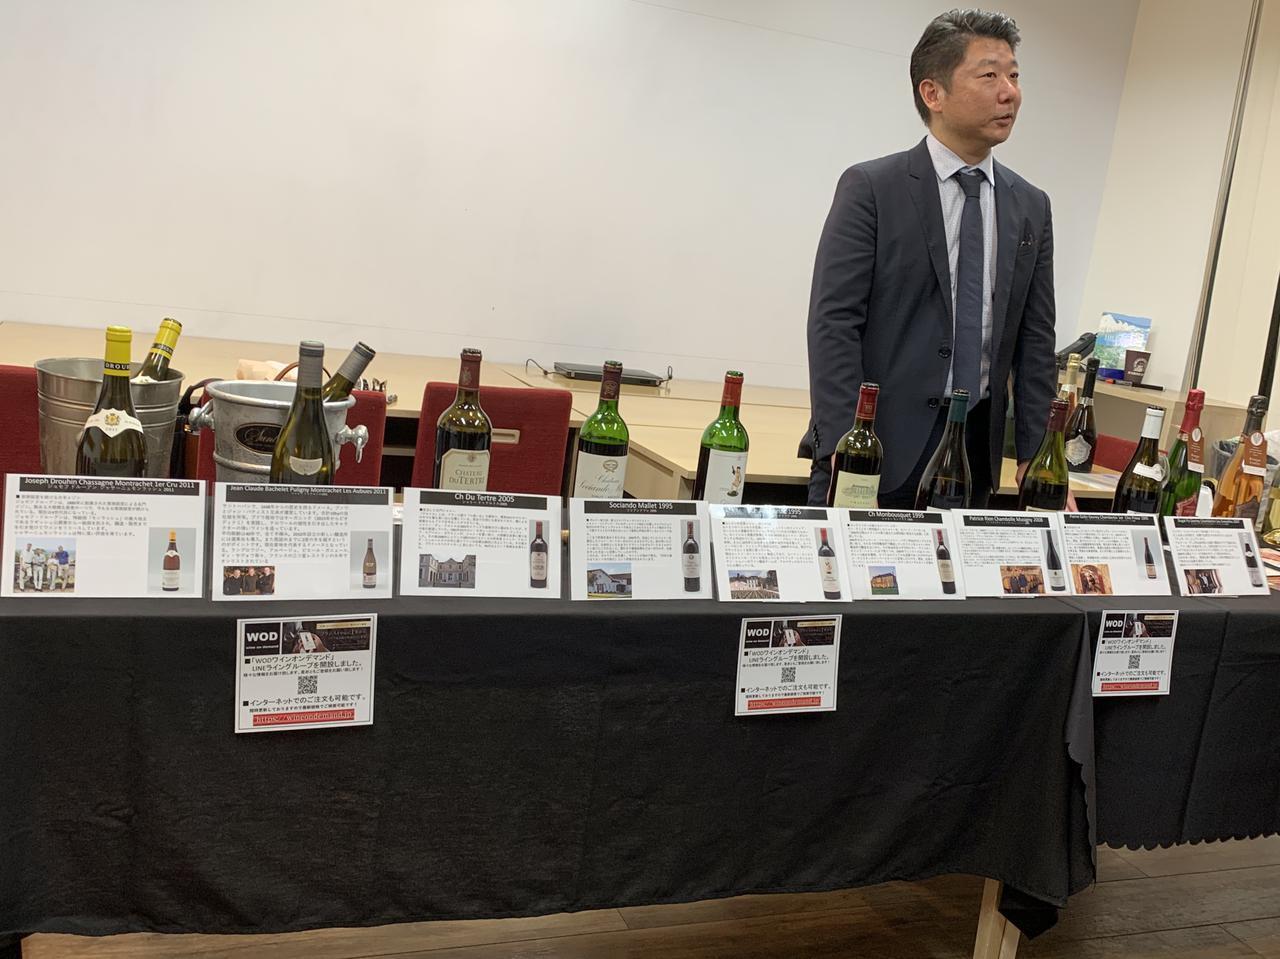 画像: 先日「WOD ワインオンデマンド」の取り組みを紹介する試飲会を開催した。数日前に到着したワインが並び、どのアイテムも状態は良好だった